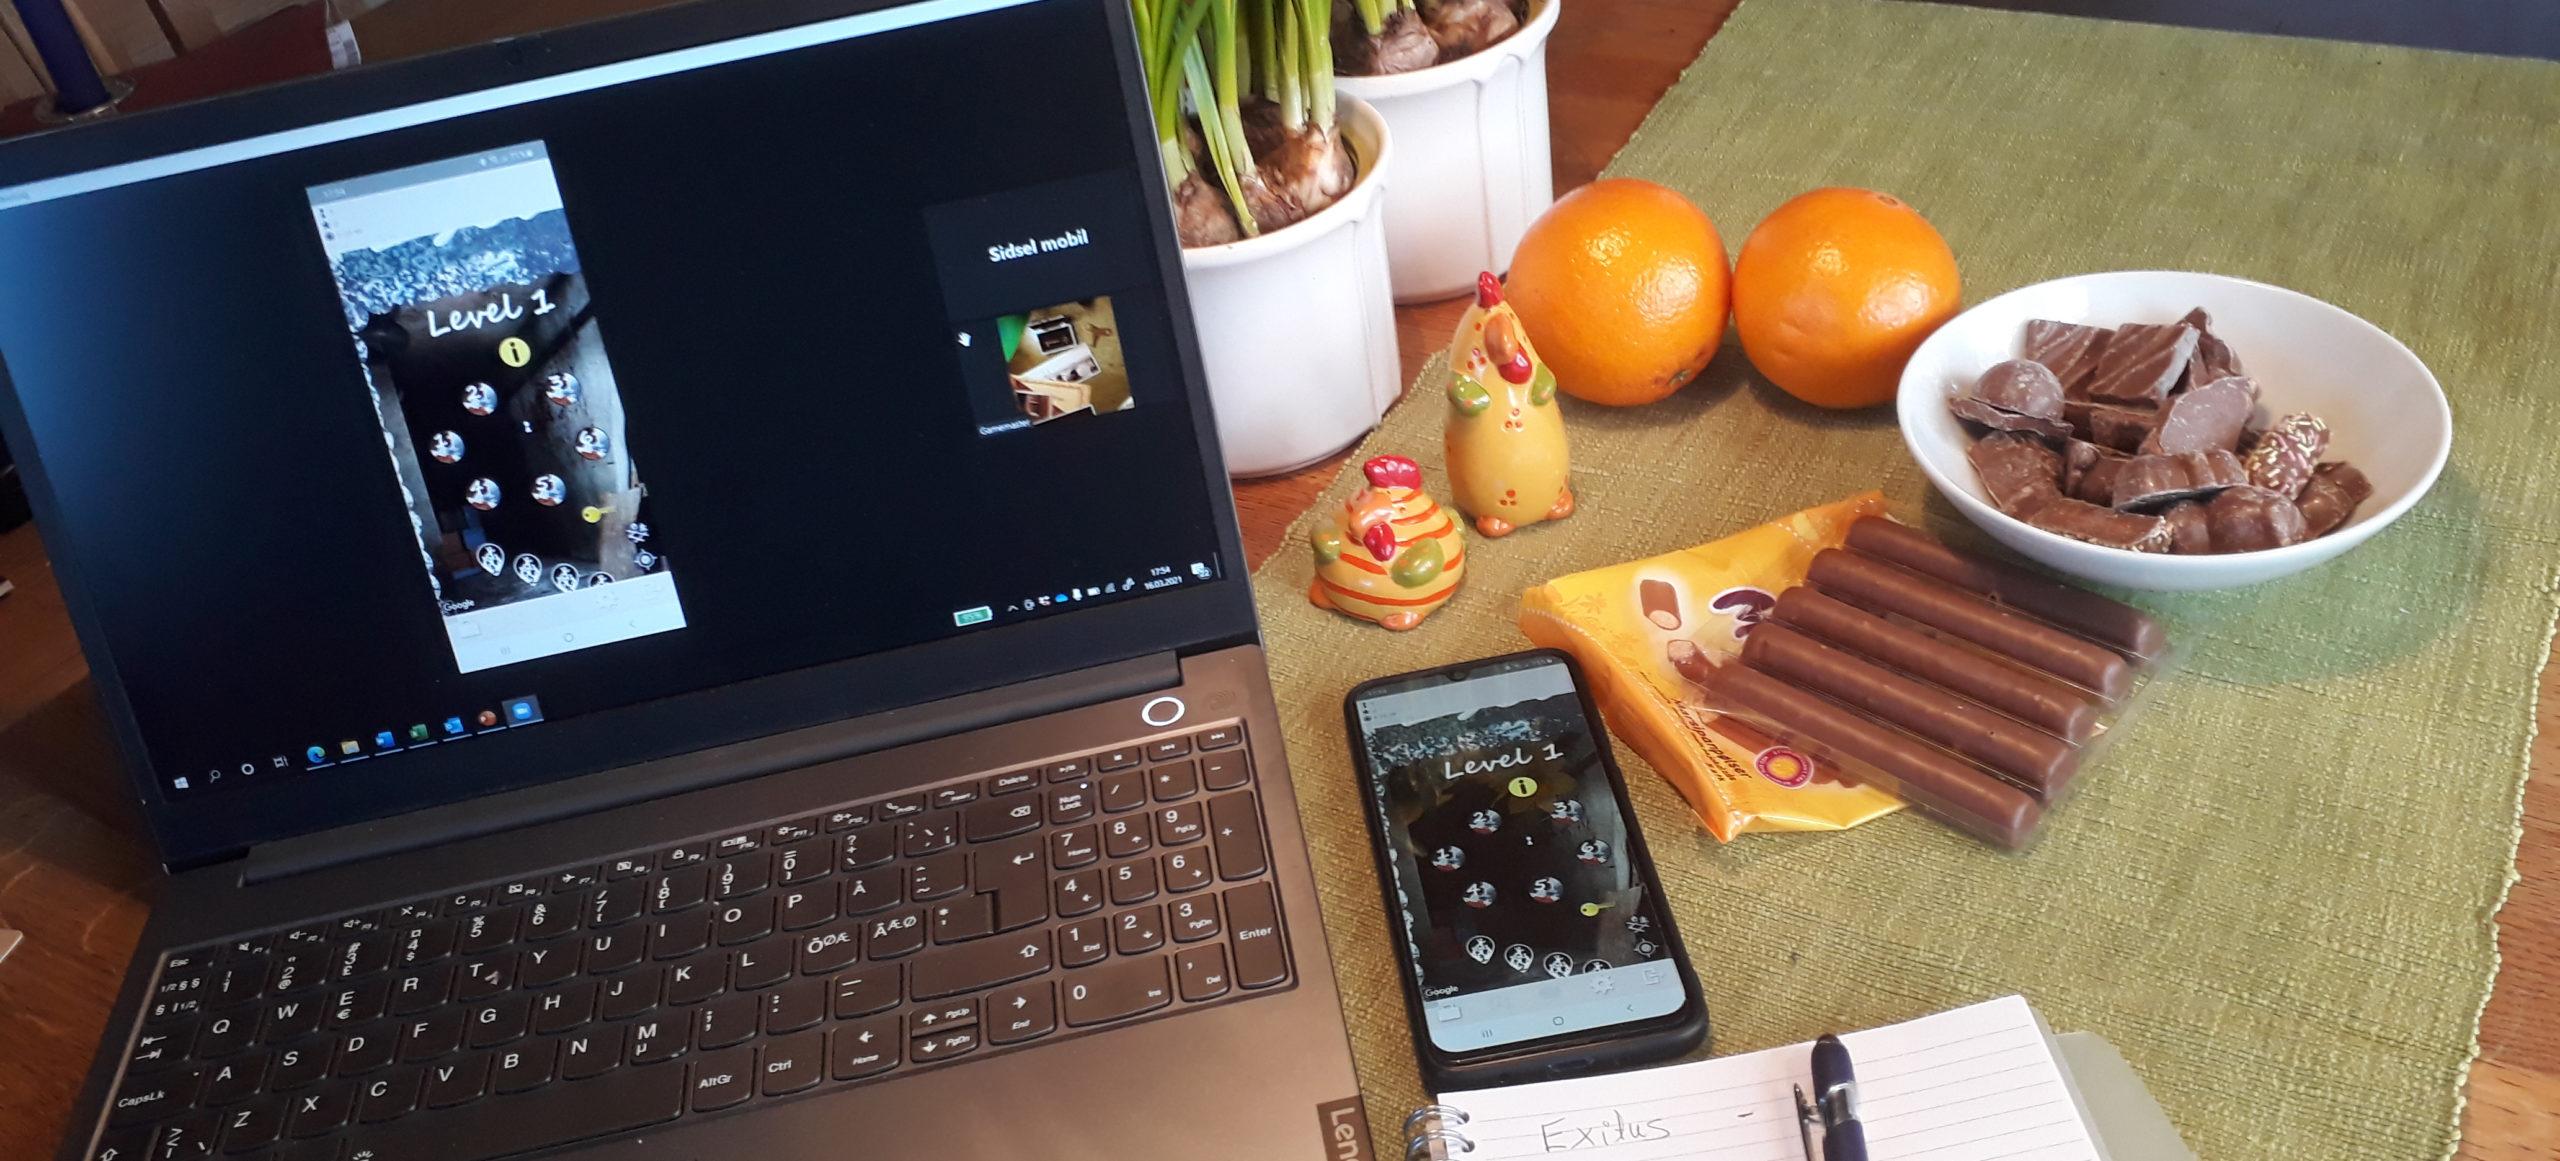 Digitalt EscapeGame Påskespesial. Pc, mobil, godteri og klemmentiner